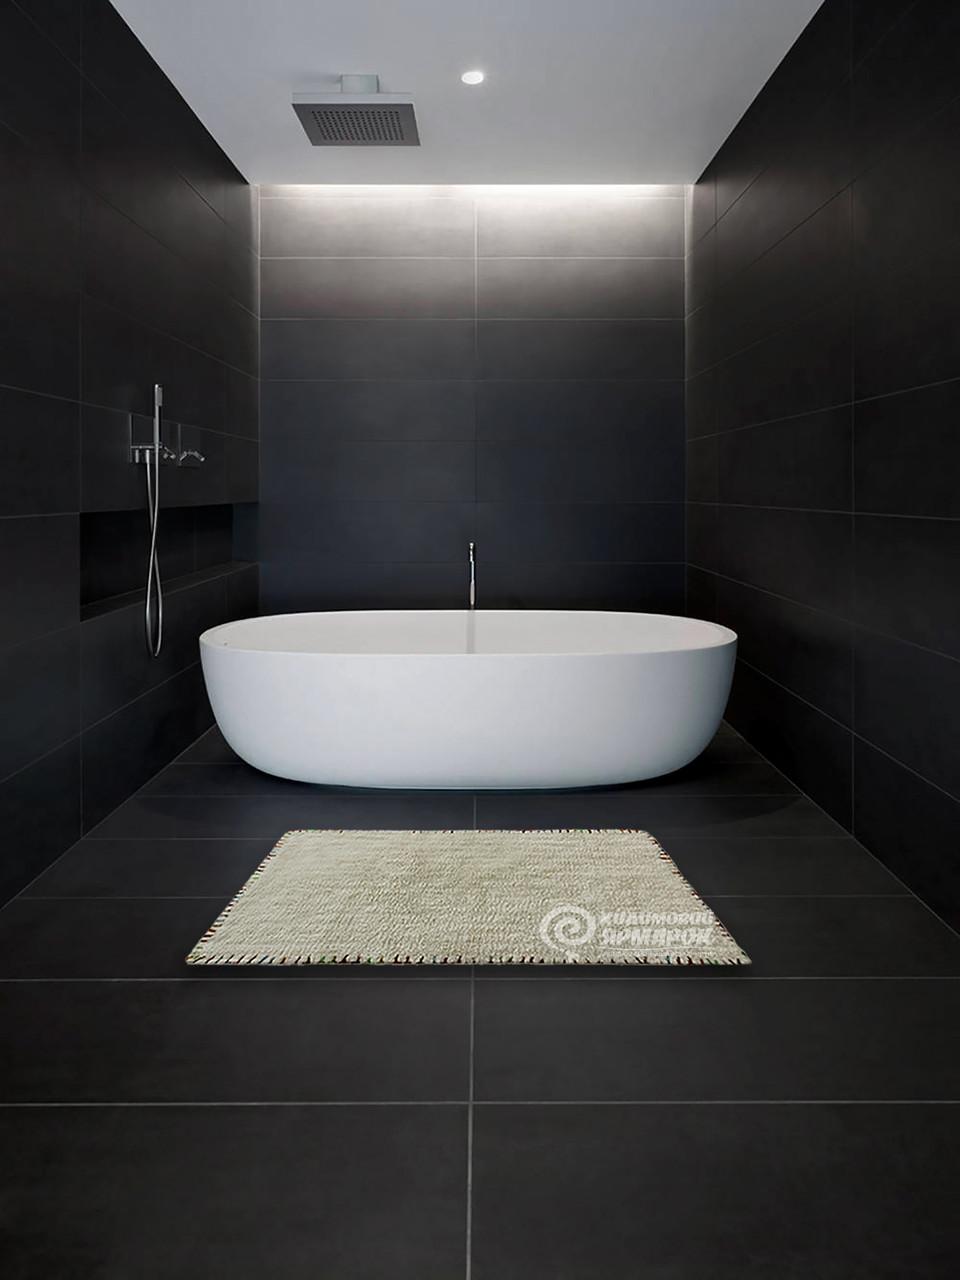 Коврик 16286 BATH MAT 0,5Х0,8 Бежевый с серым прямоугольник